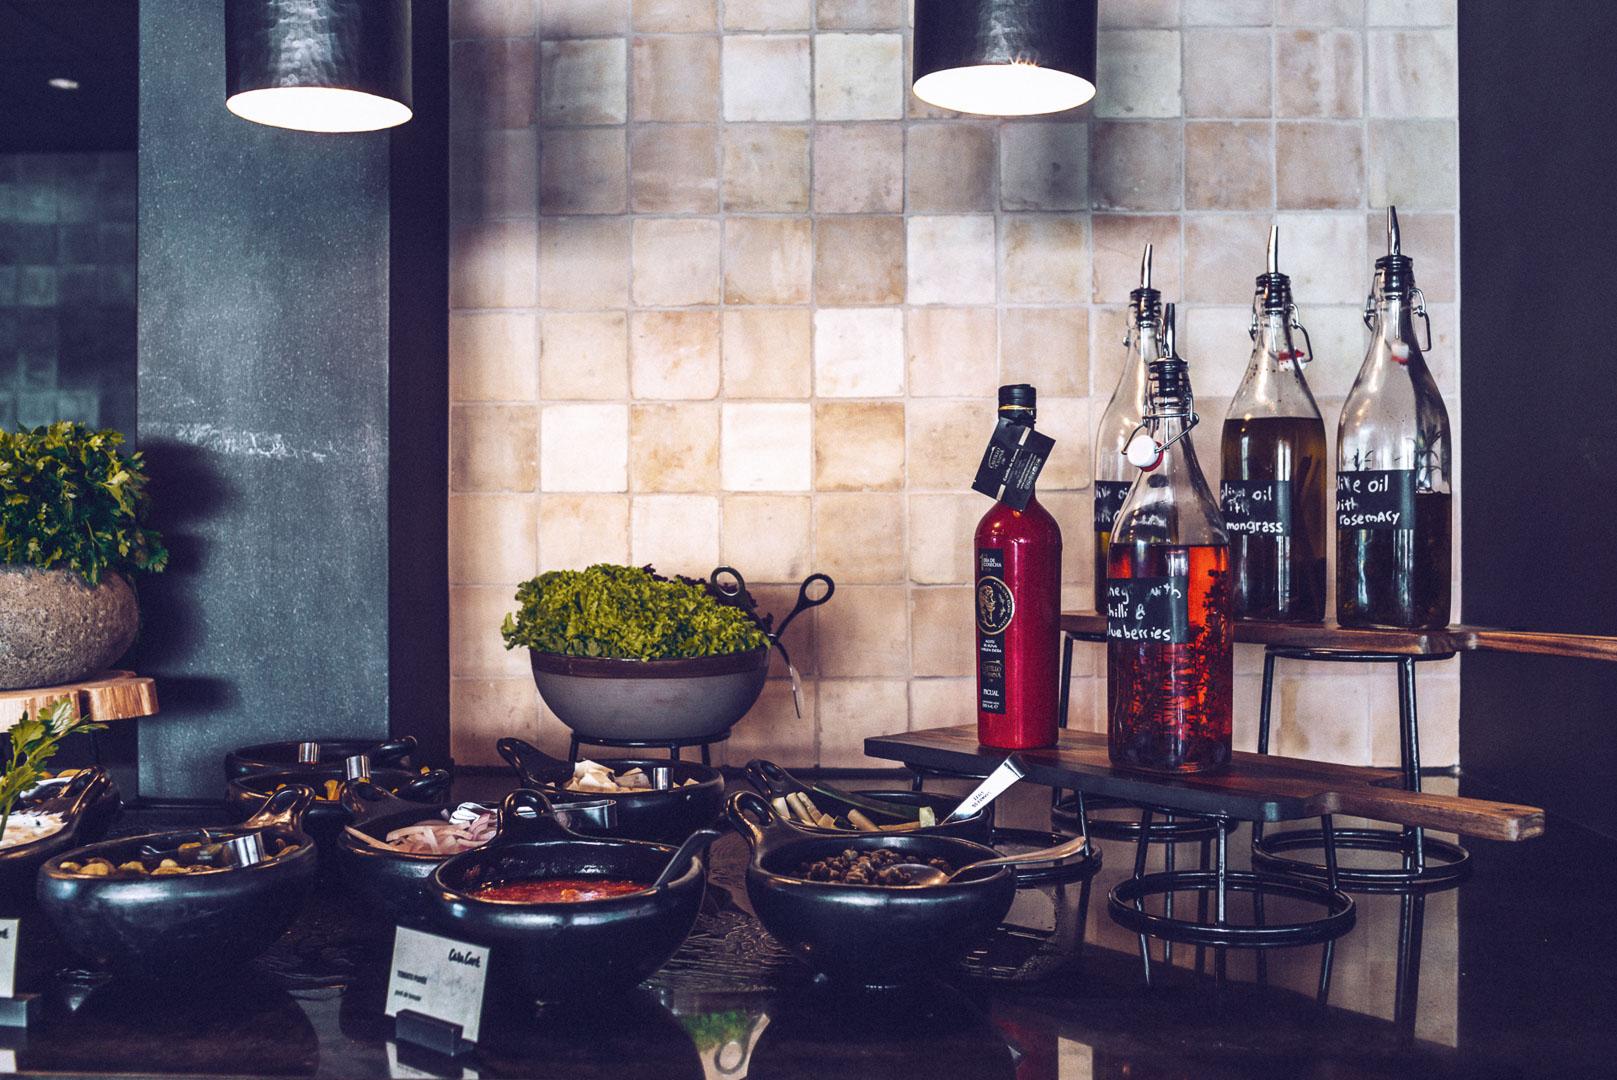 Imagen preparación bufett diseño arquitectura real estate en comedor hotel casa cook ibiza